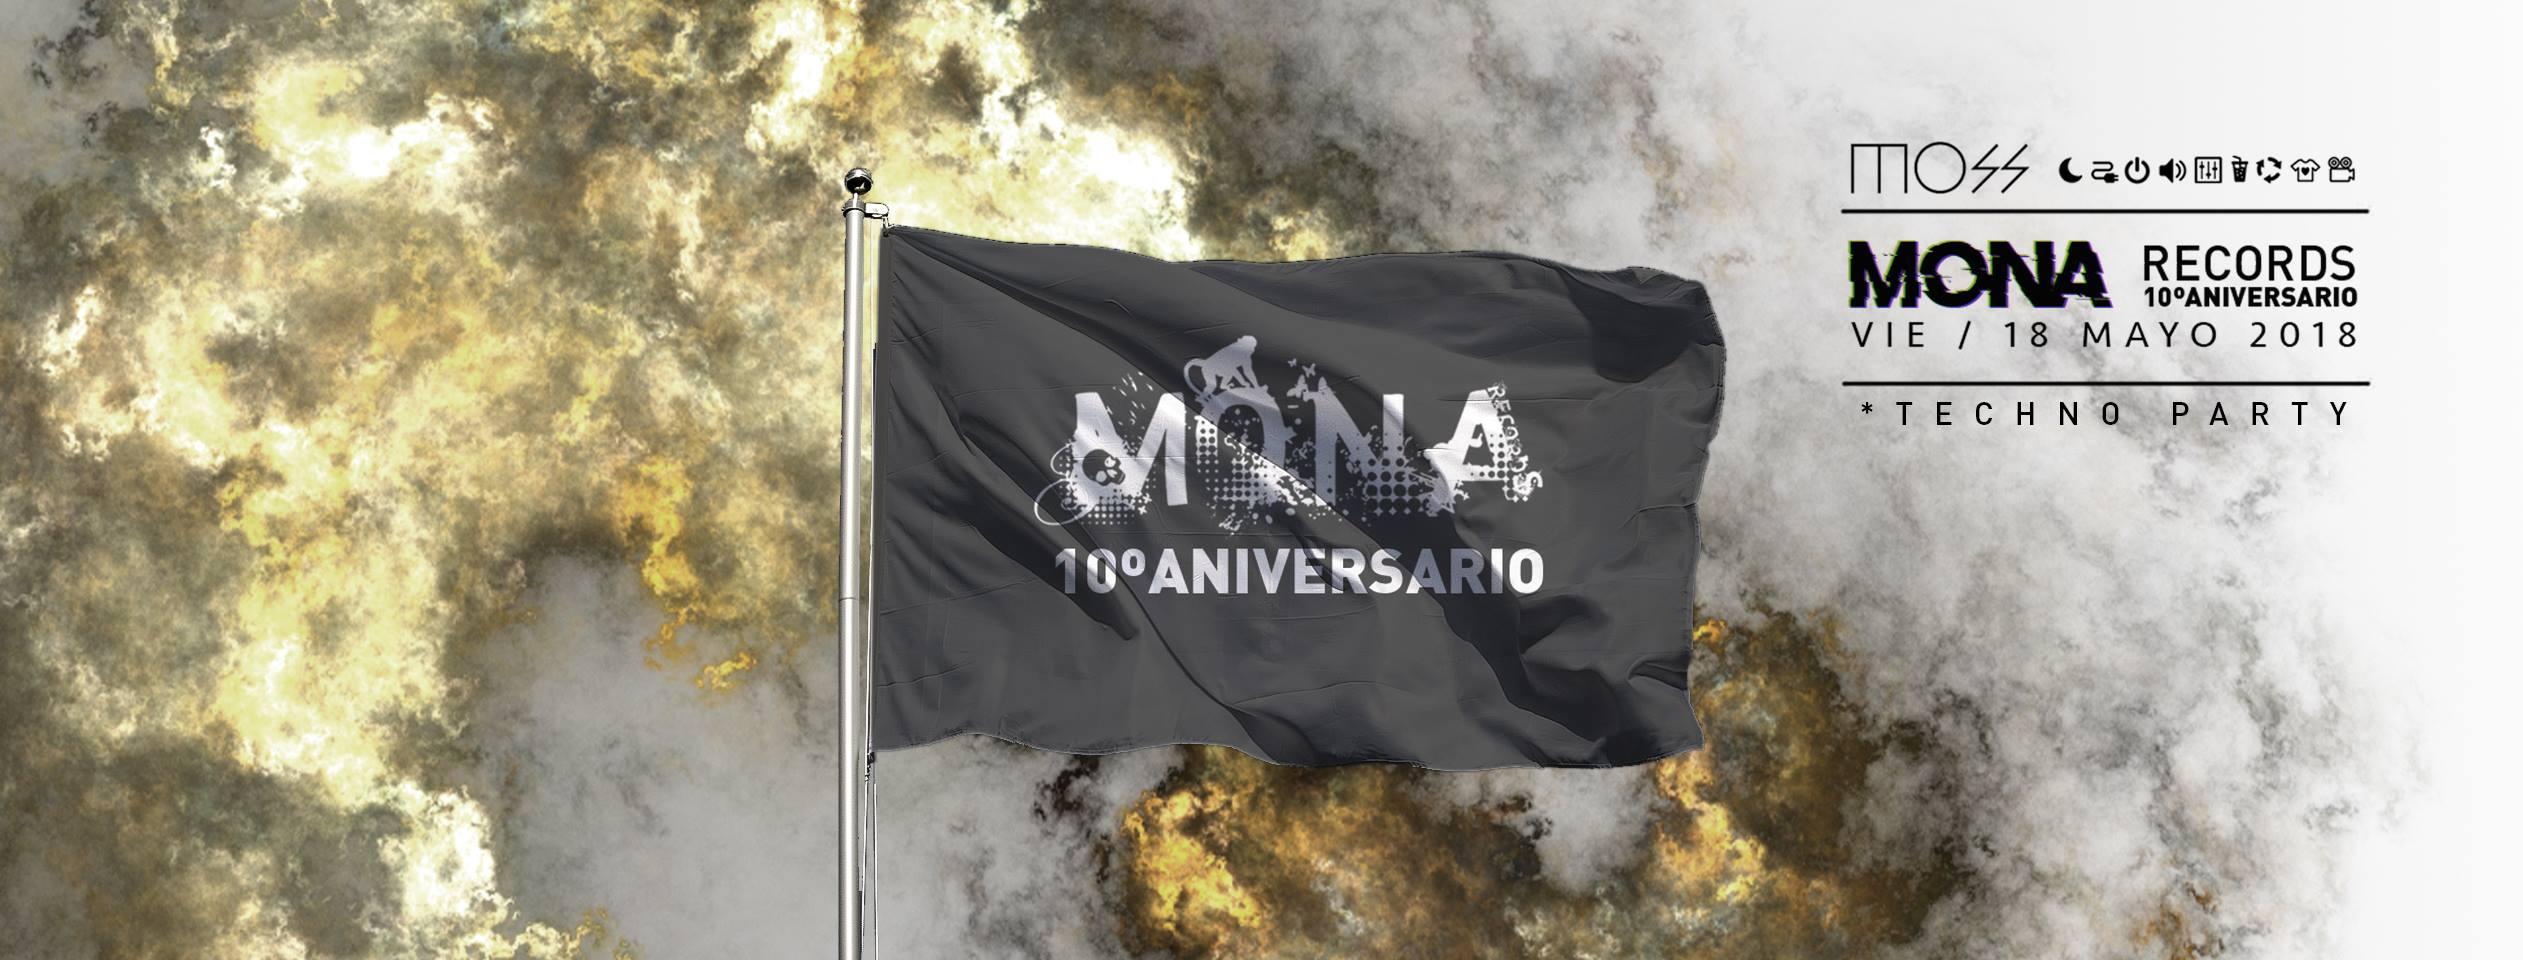 flyers bandera monarecords